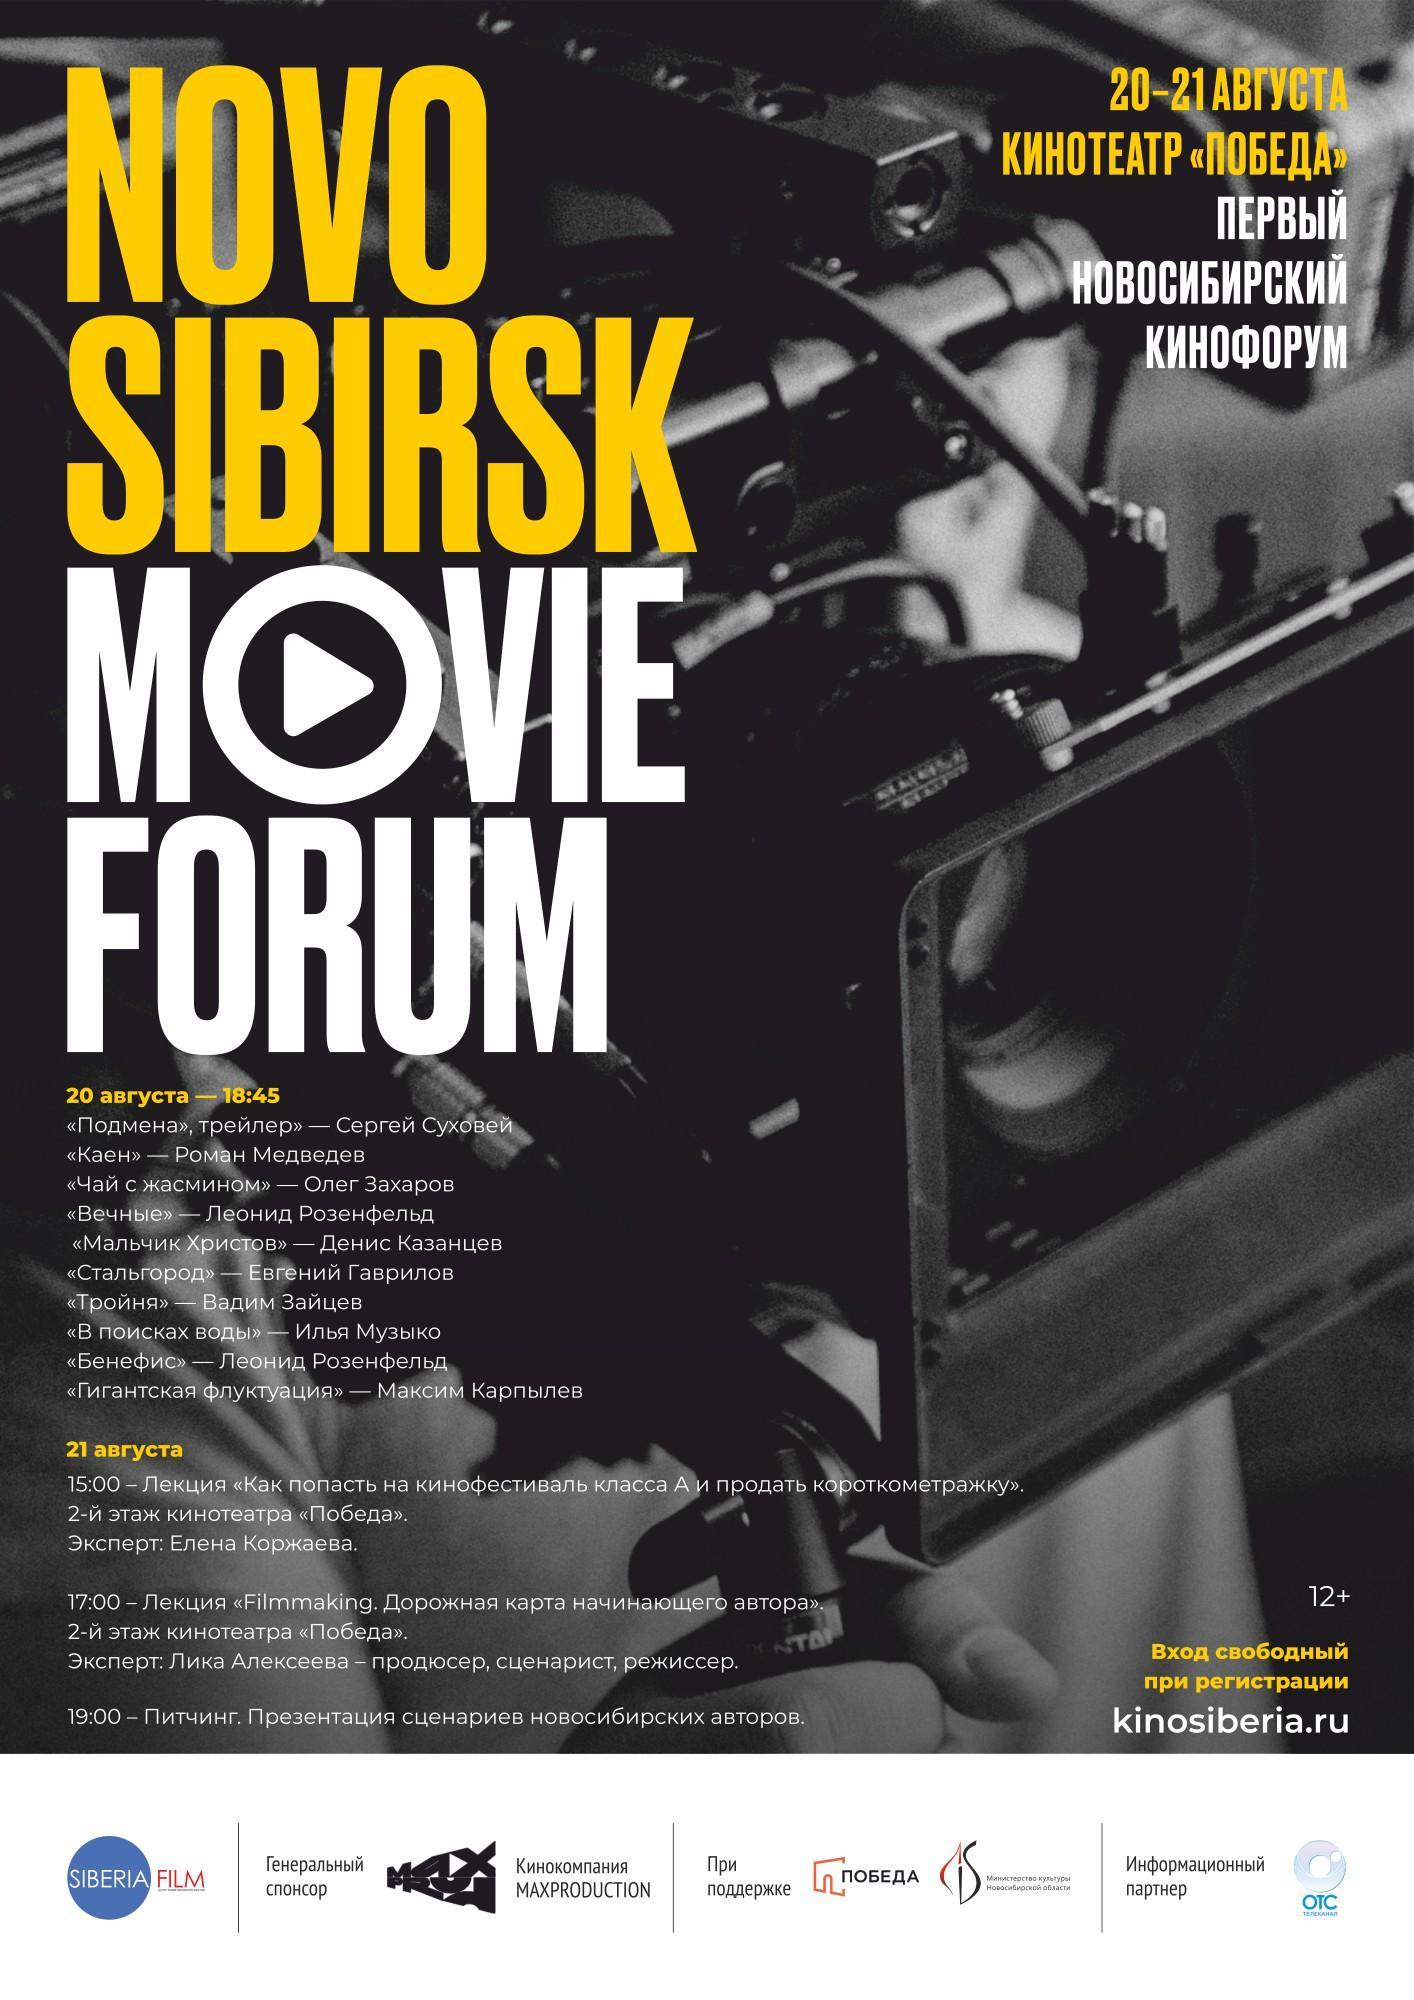 Фото Стала известна программа Первого новосибирского кинофорума Novosibirsk Movie Forum 2